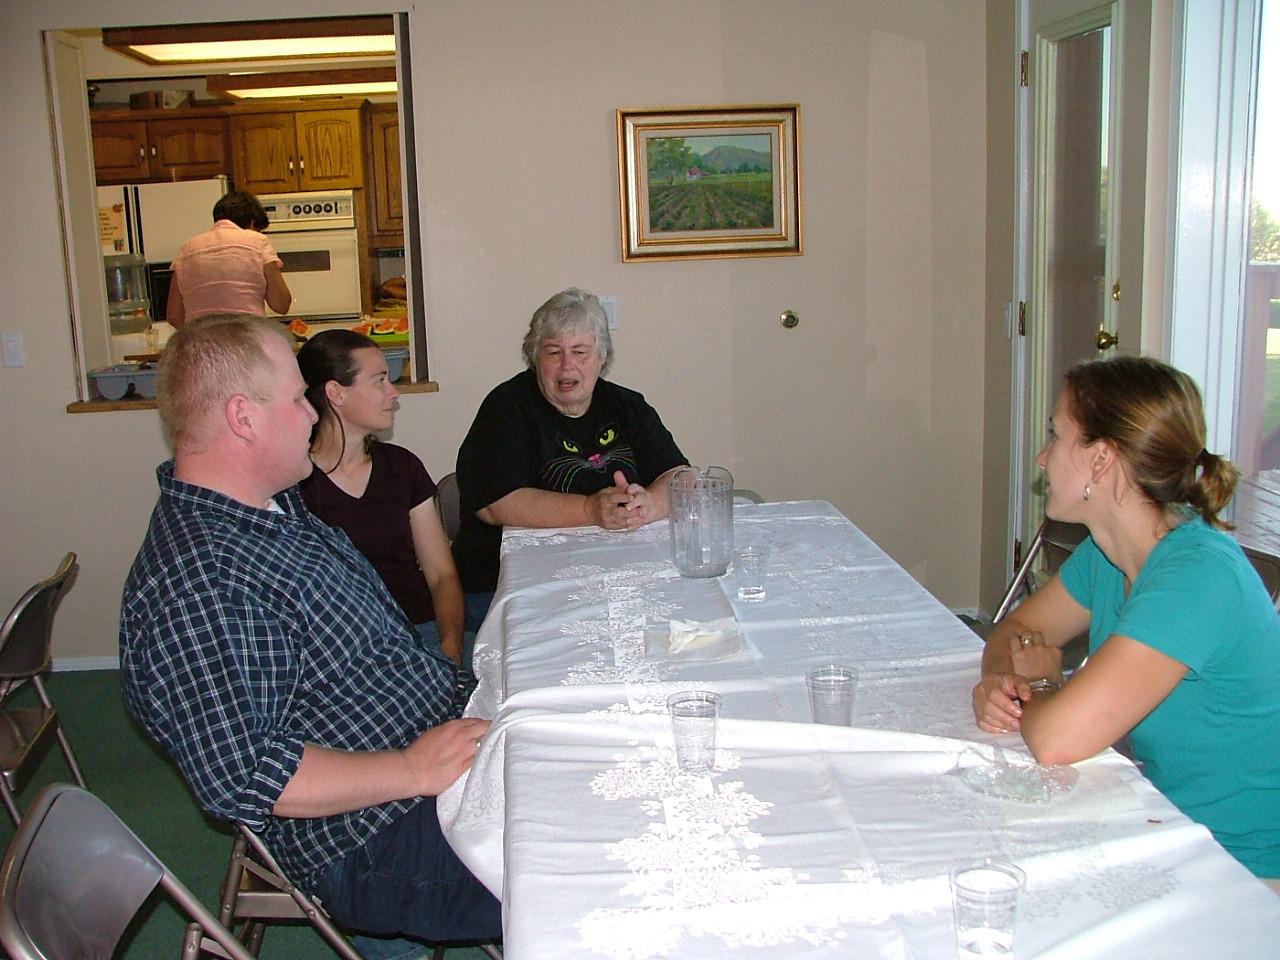 Chris, Kristina, Mom, Erica (Sue in background)